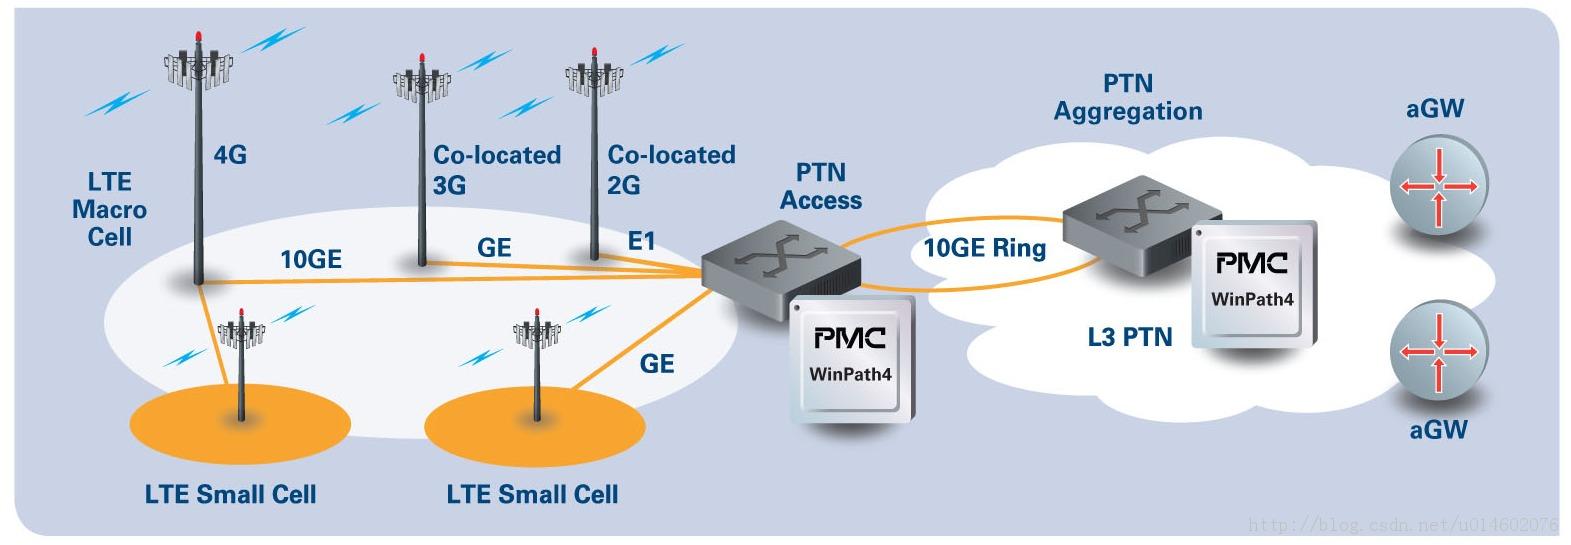 图1 LTE回传网络图示